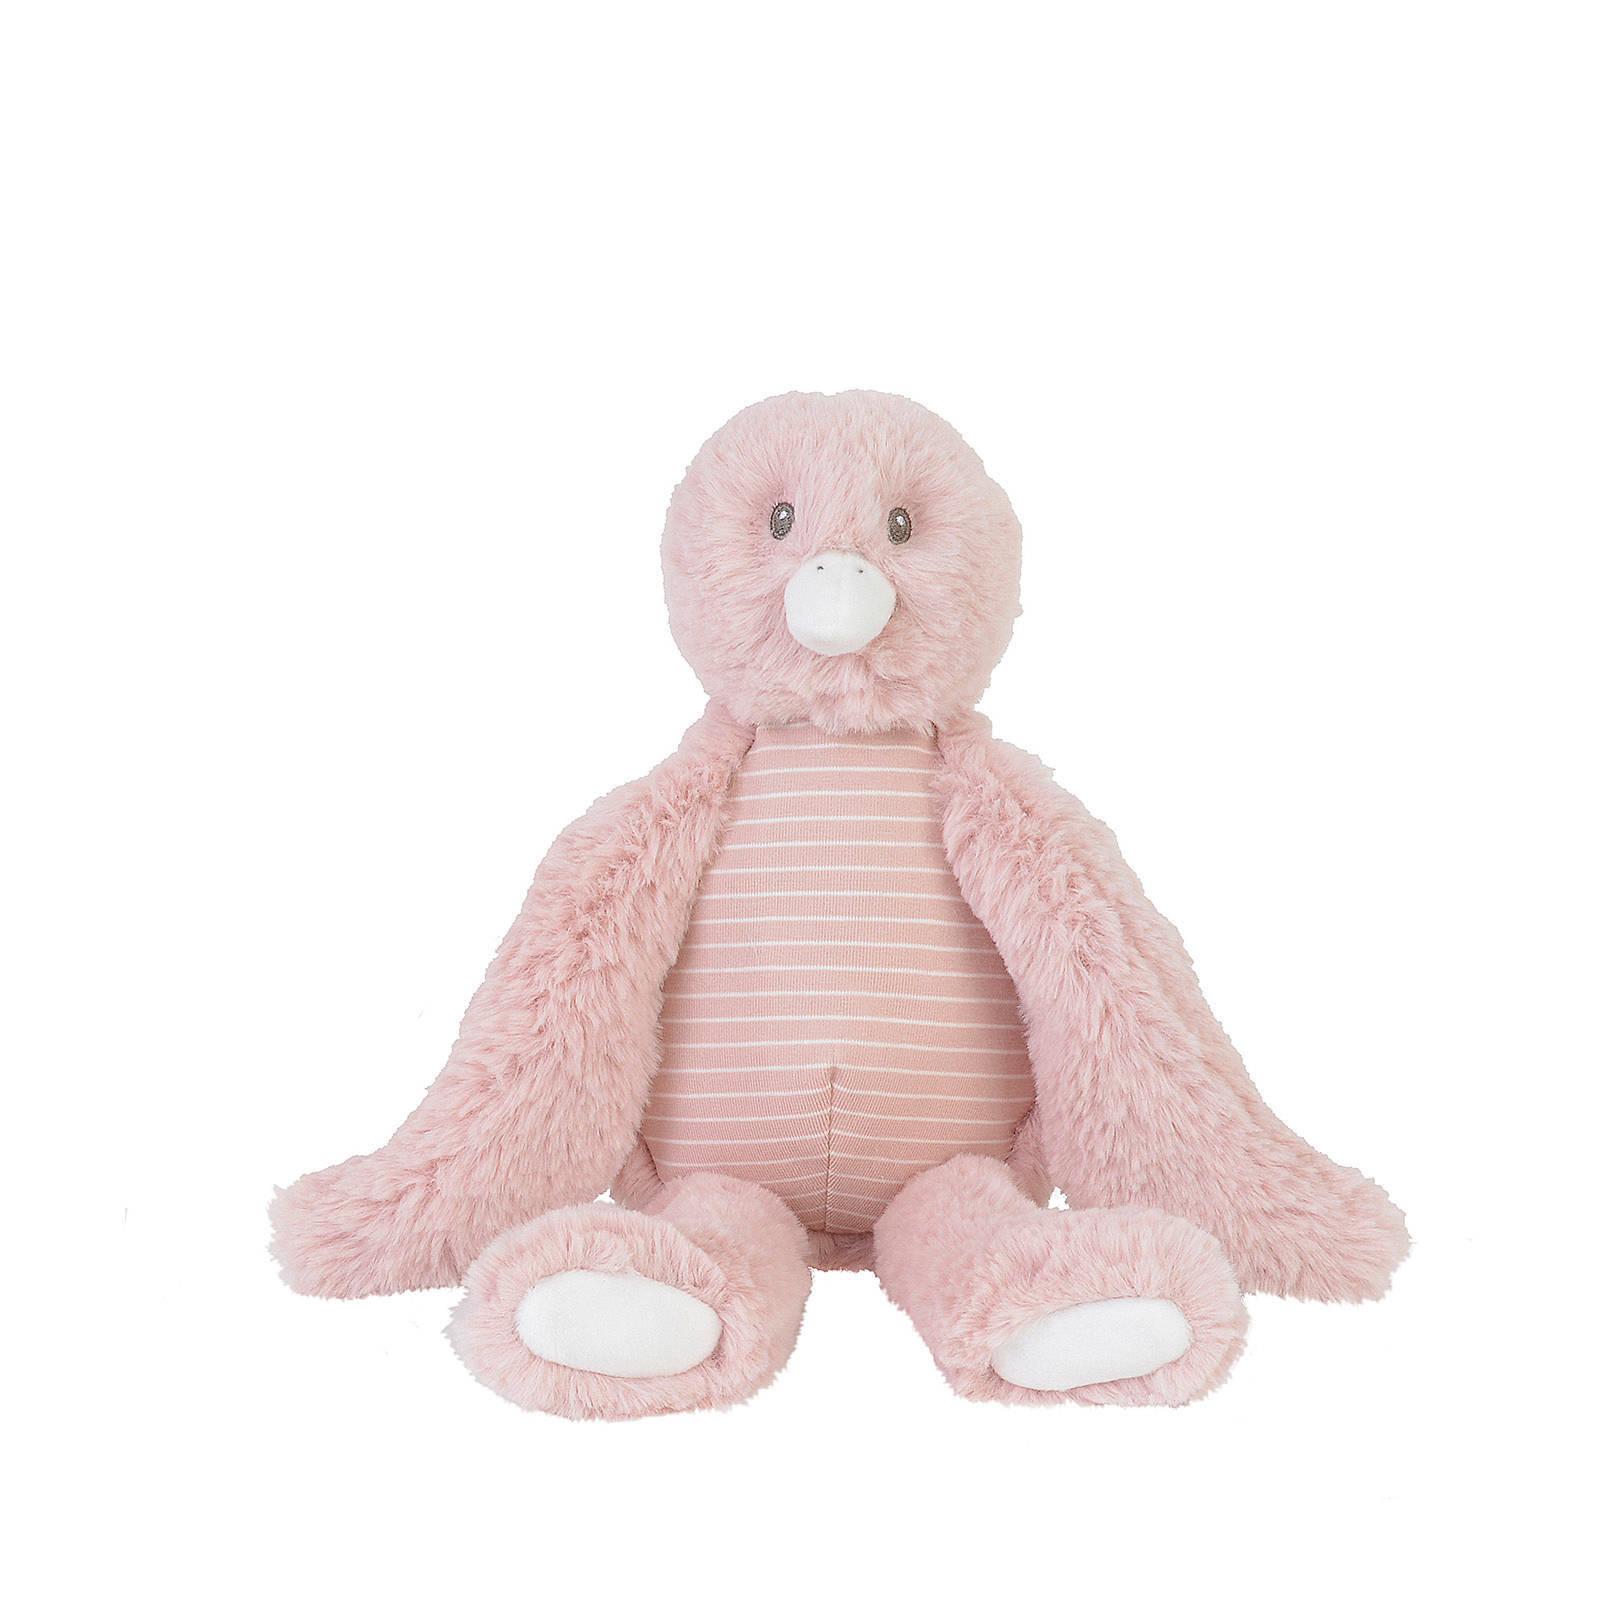 Plüsch Vogel Stofftier Kuscheltier rosa 30 cm